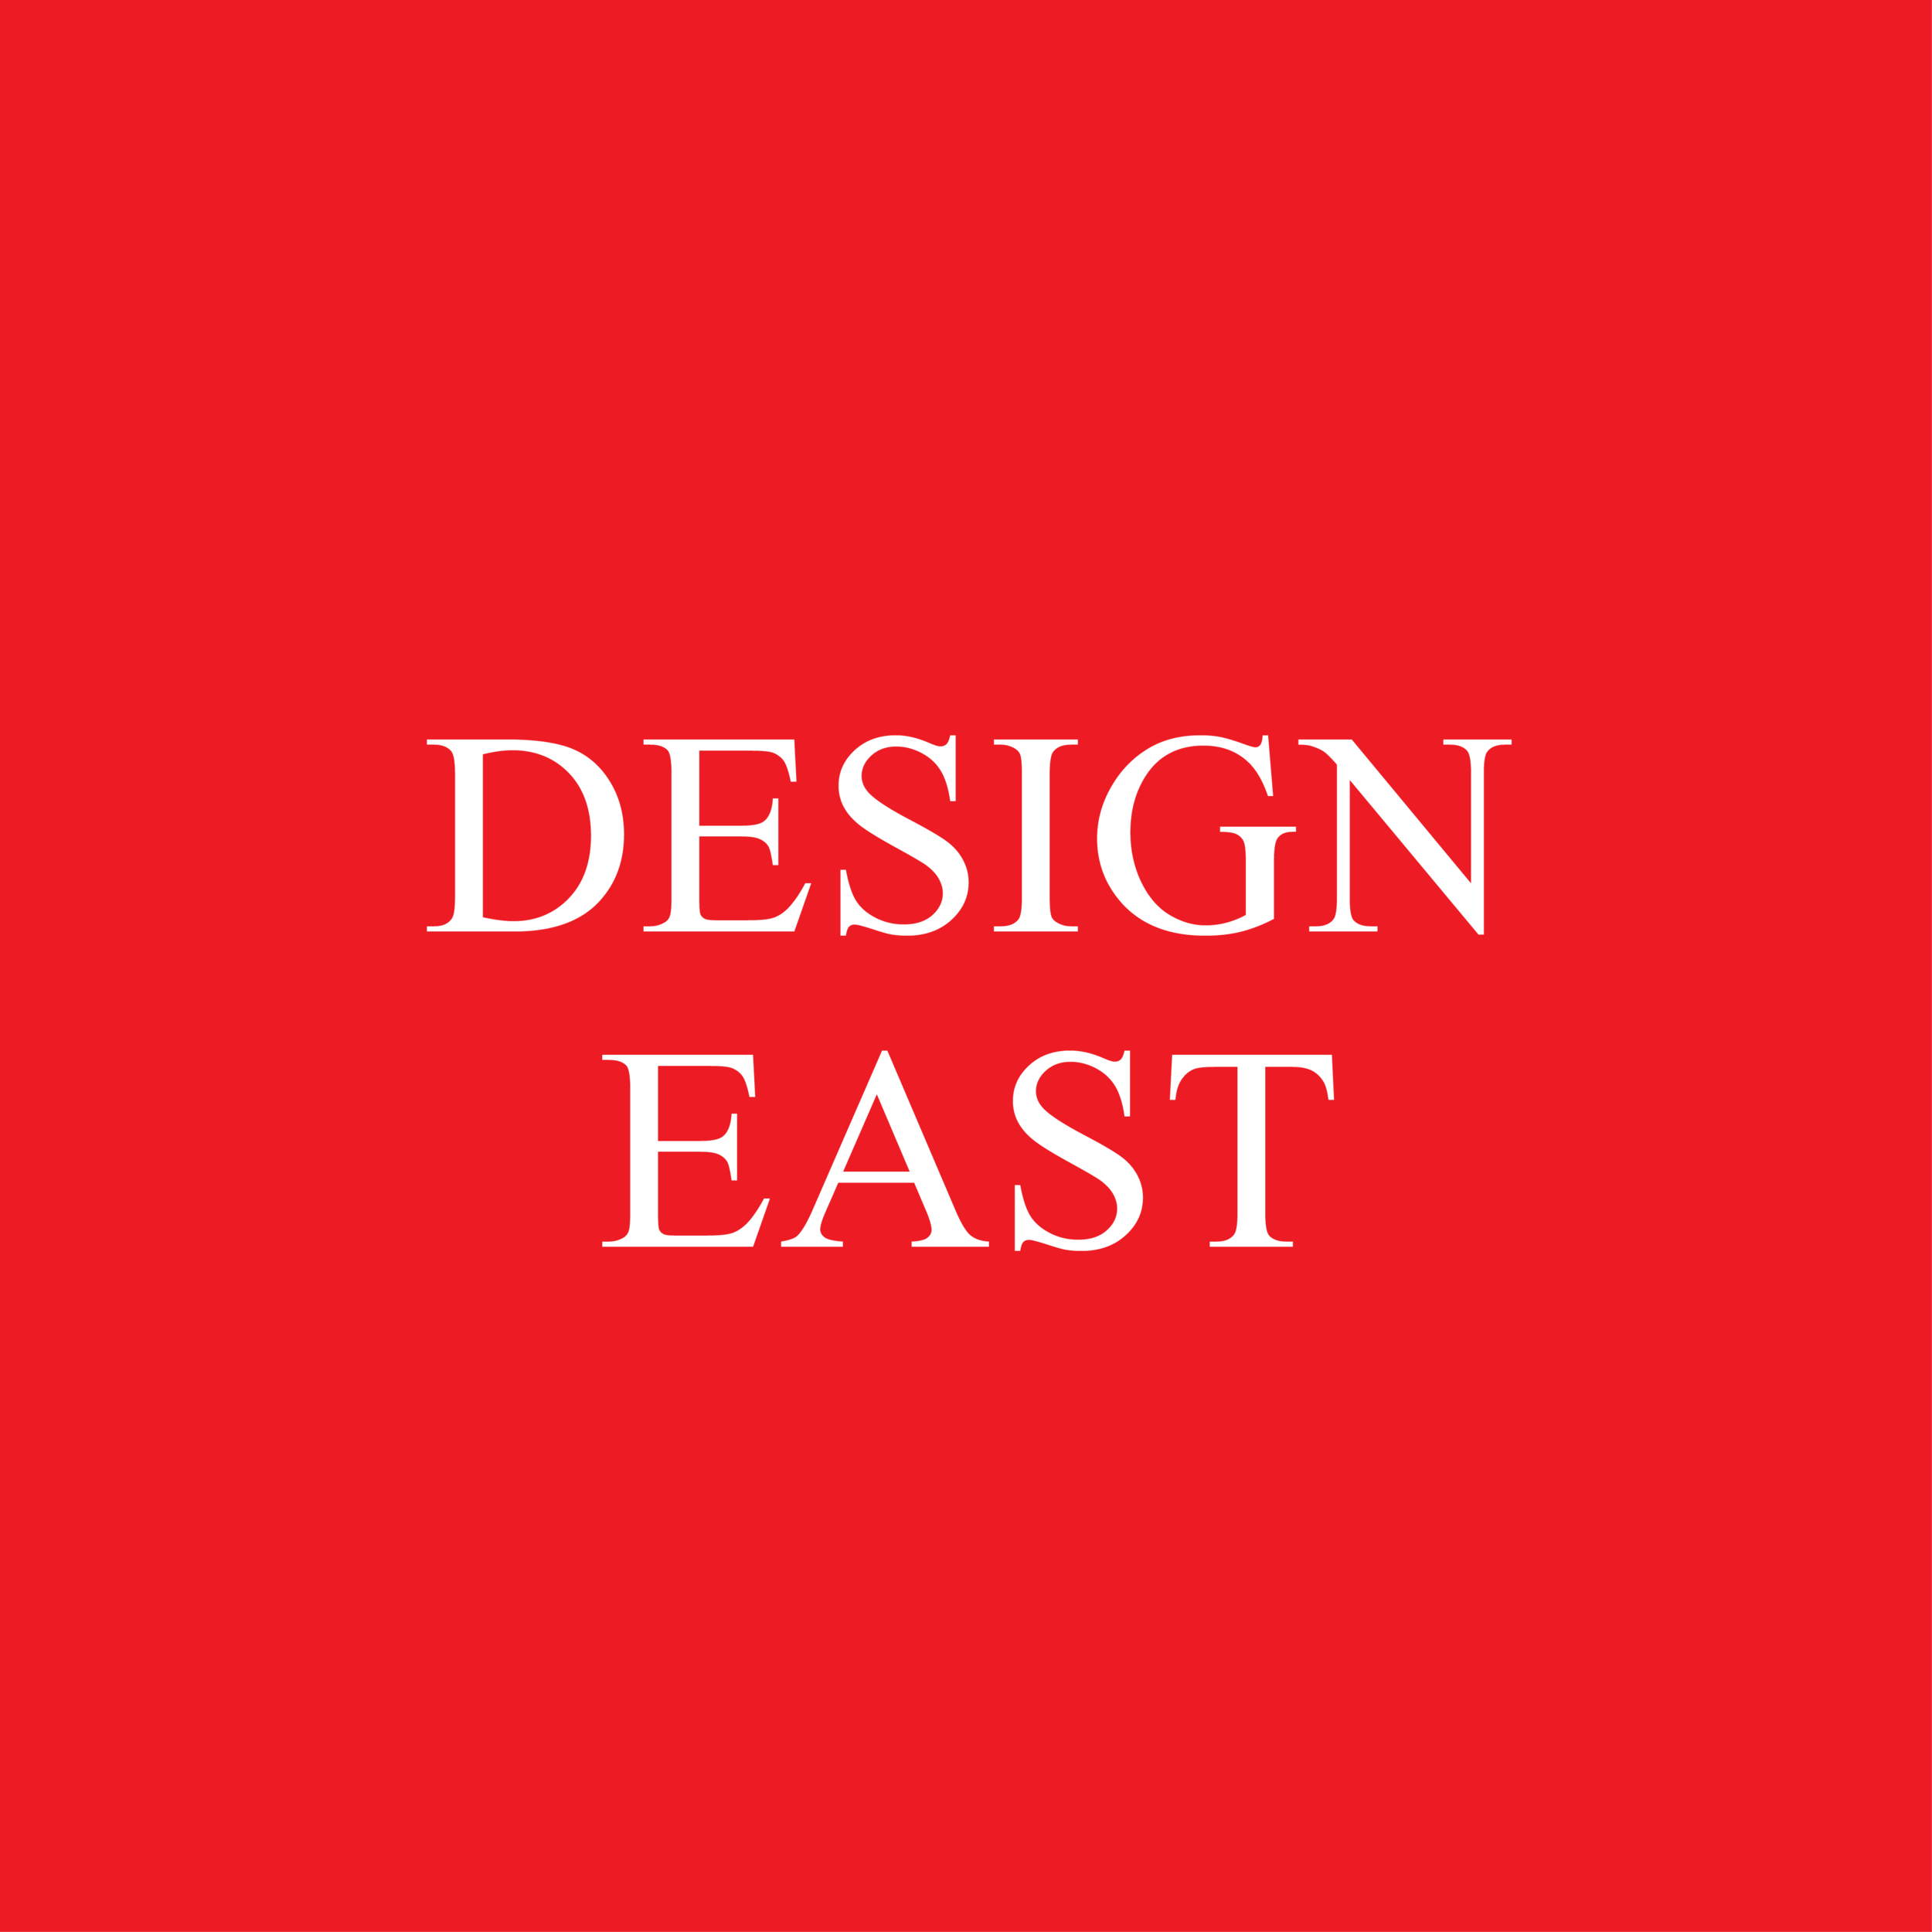 Copy of Design East Logo.png